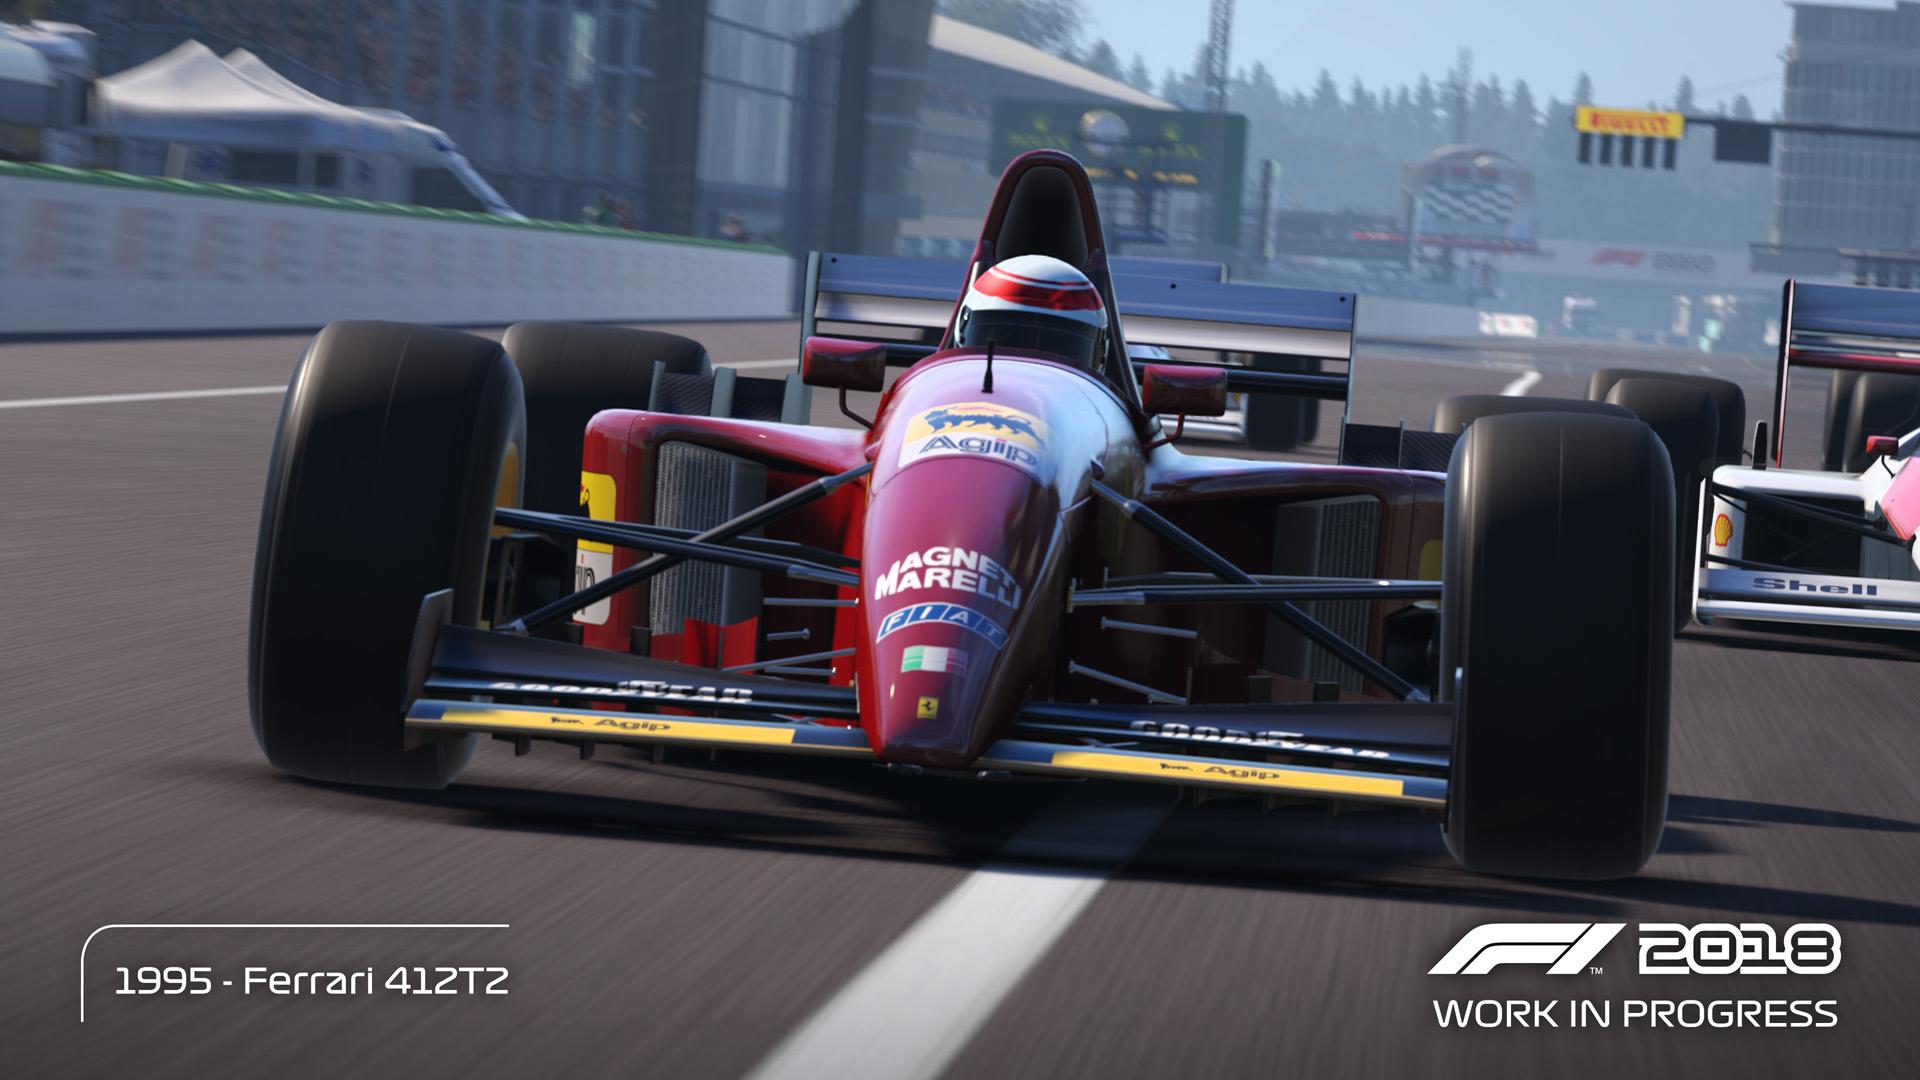 F1 2018v1.16-Sam2k8 PC Direct Download [ Crack ]